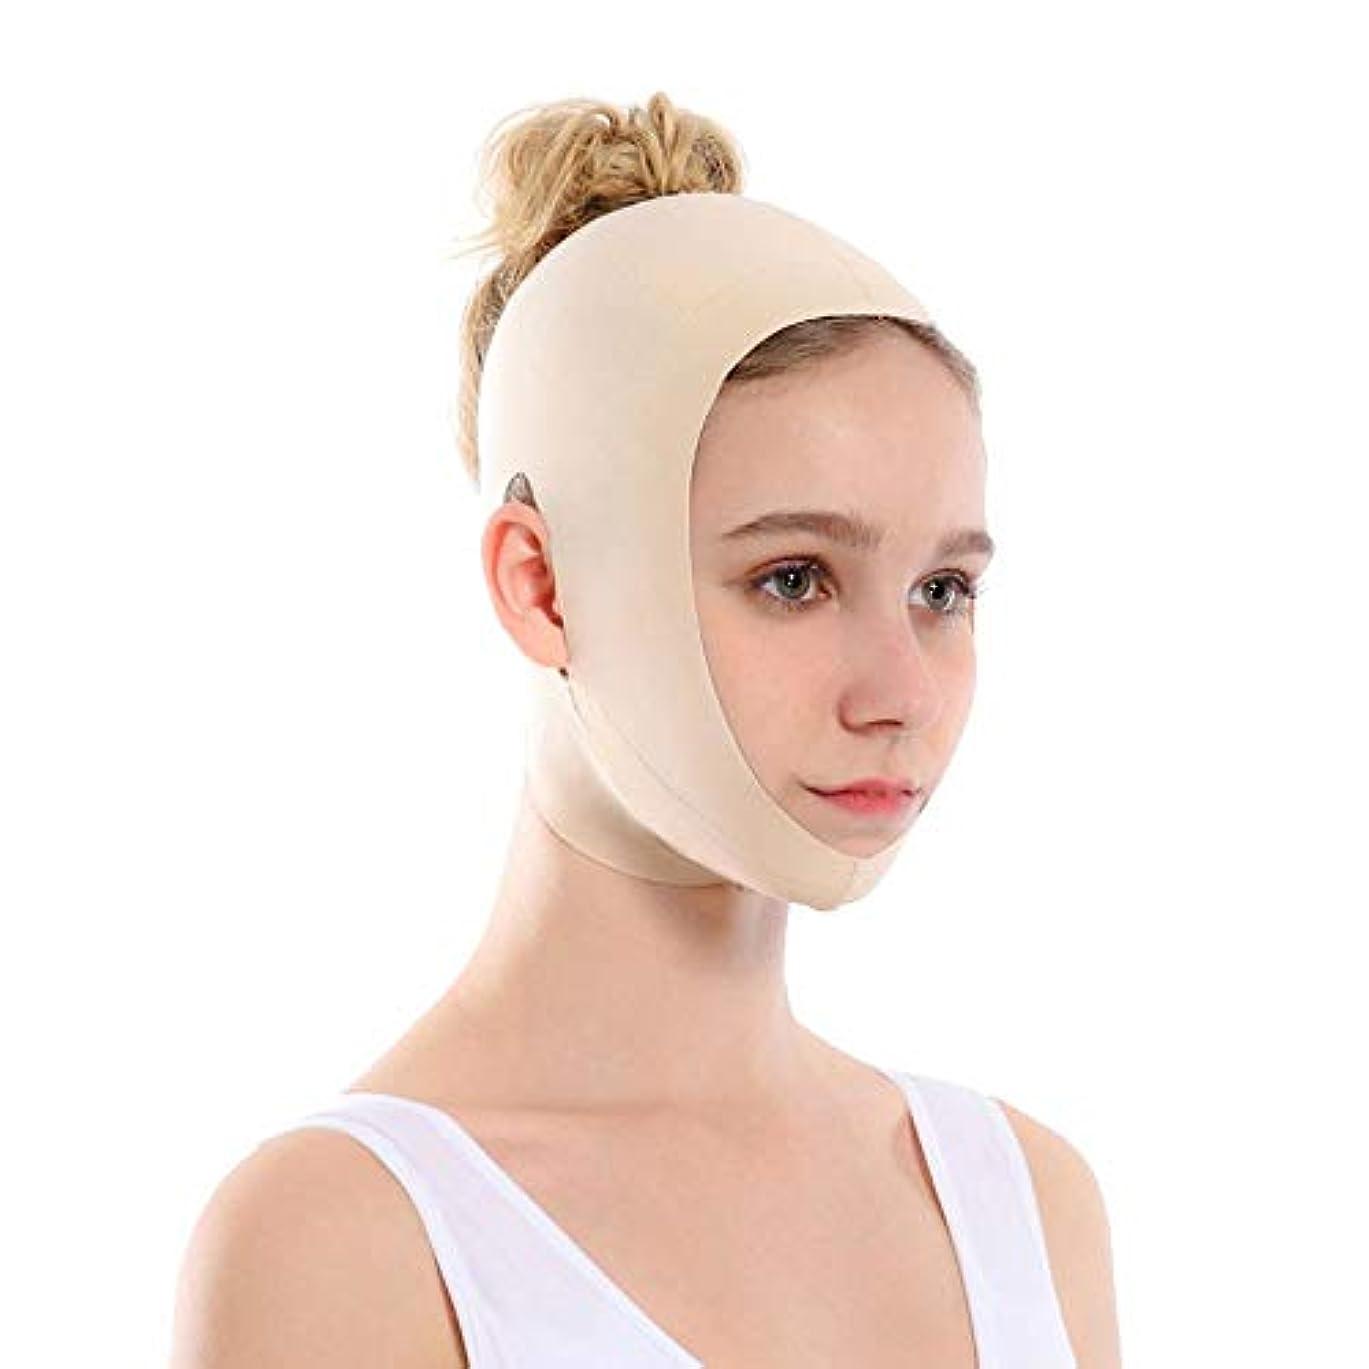 活気づく気がついてシンプルな顔を持ち上げるアーティファクトVフェイス包帯リフティング引き締め睡眠薄い顔を整形持ち上げる顔を二重あご矯正 - 肌の色